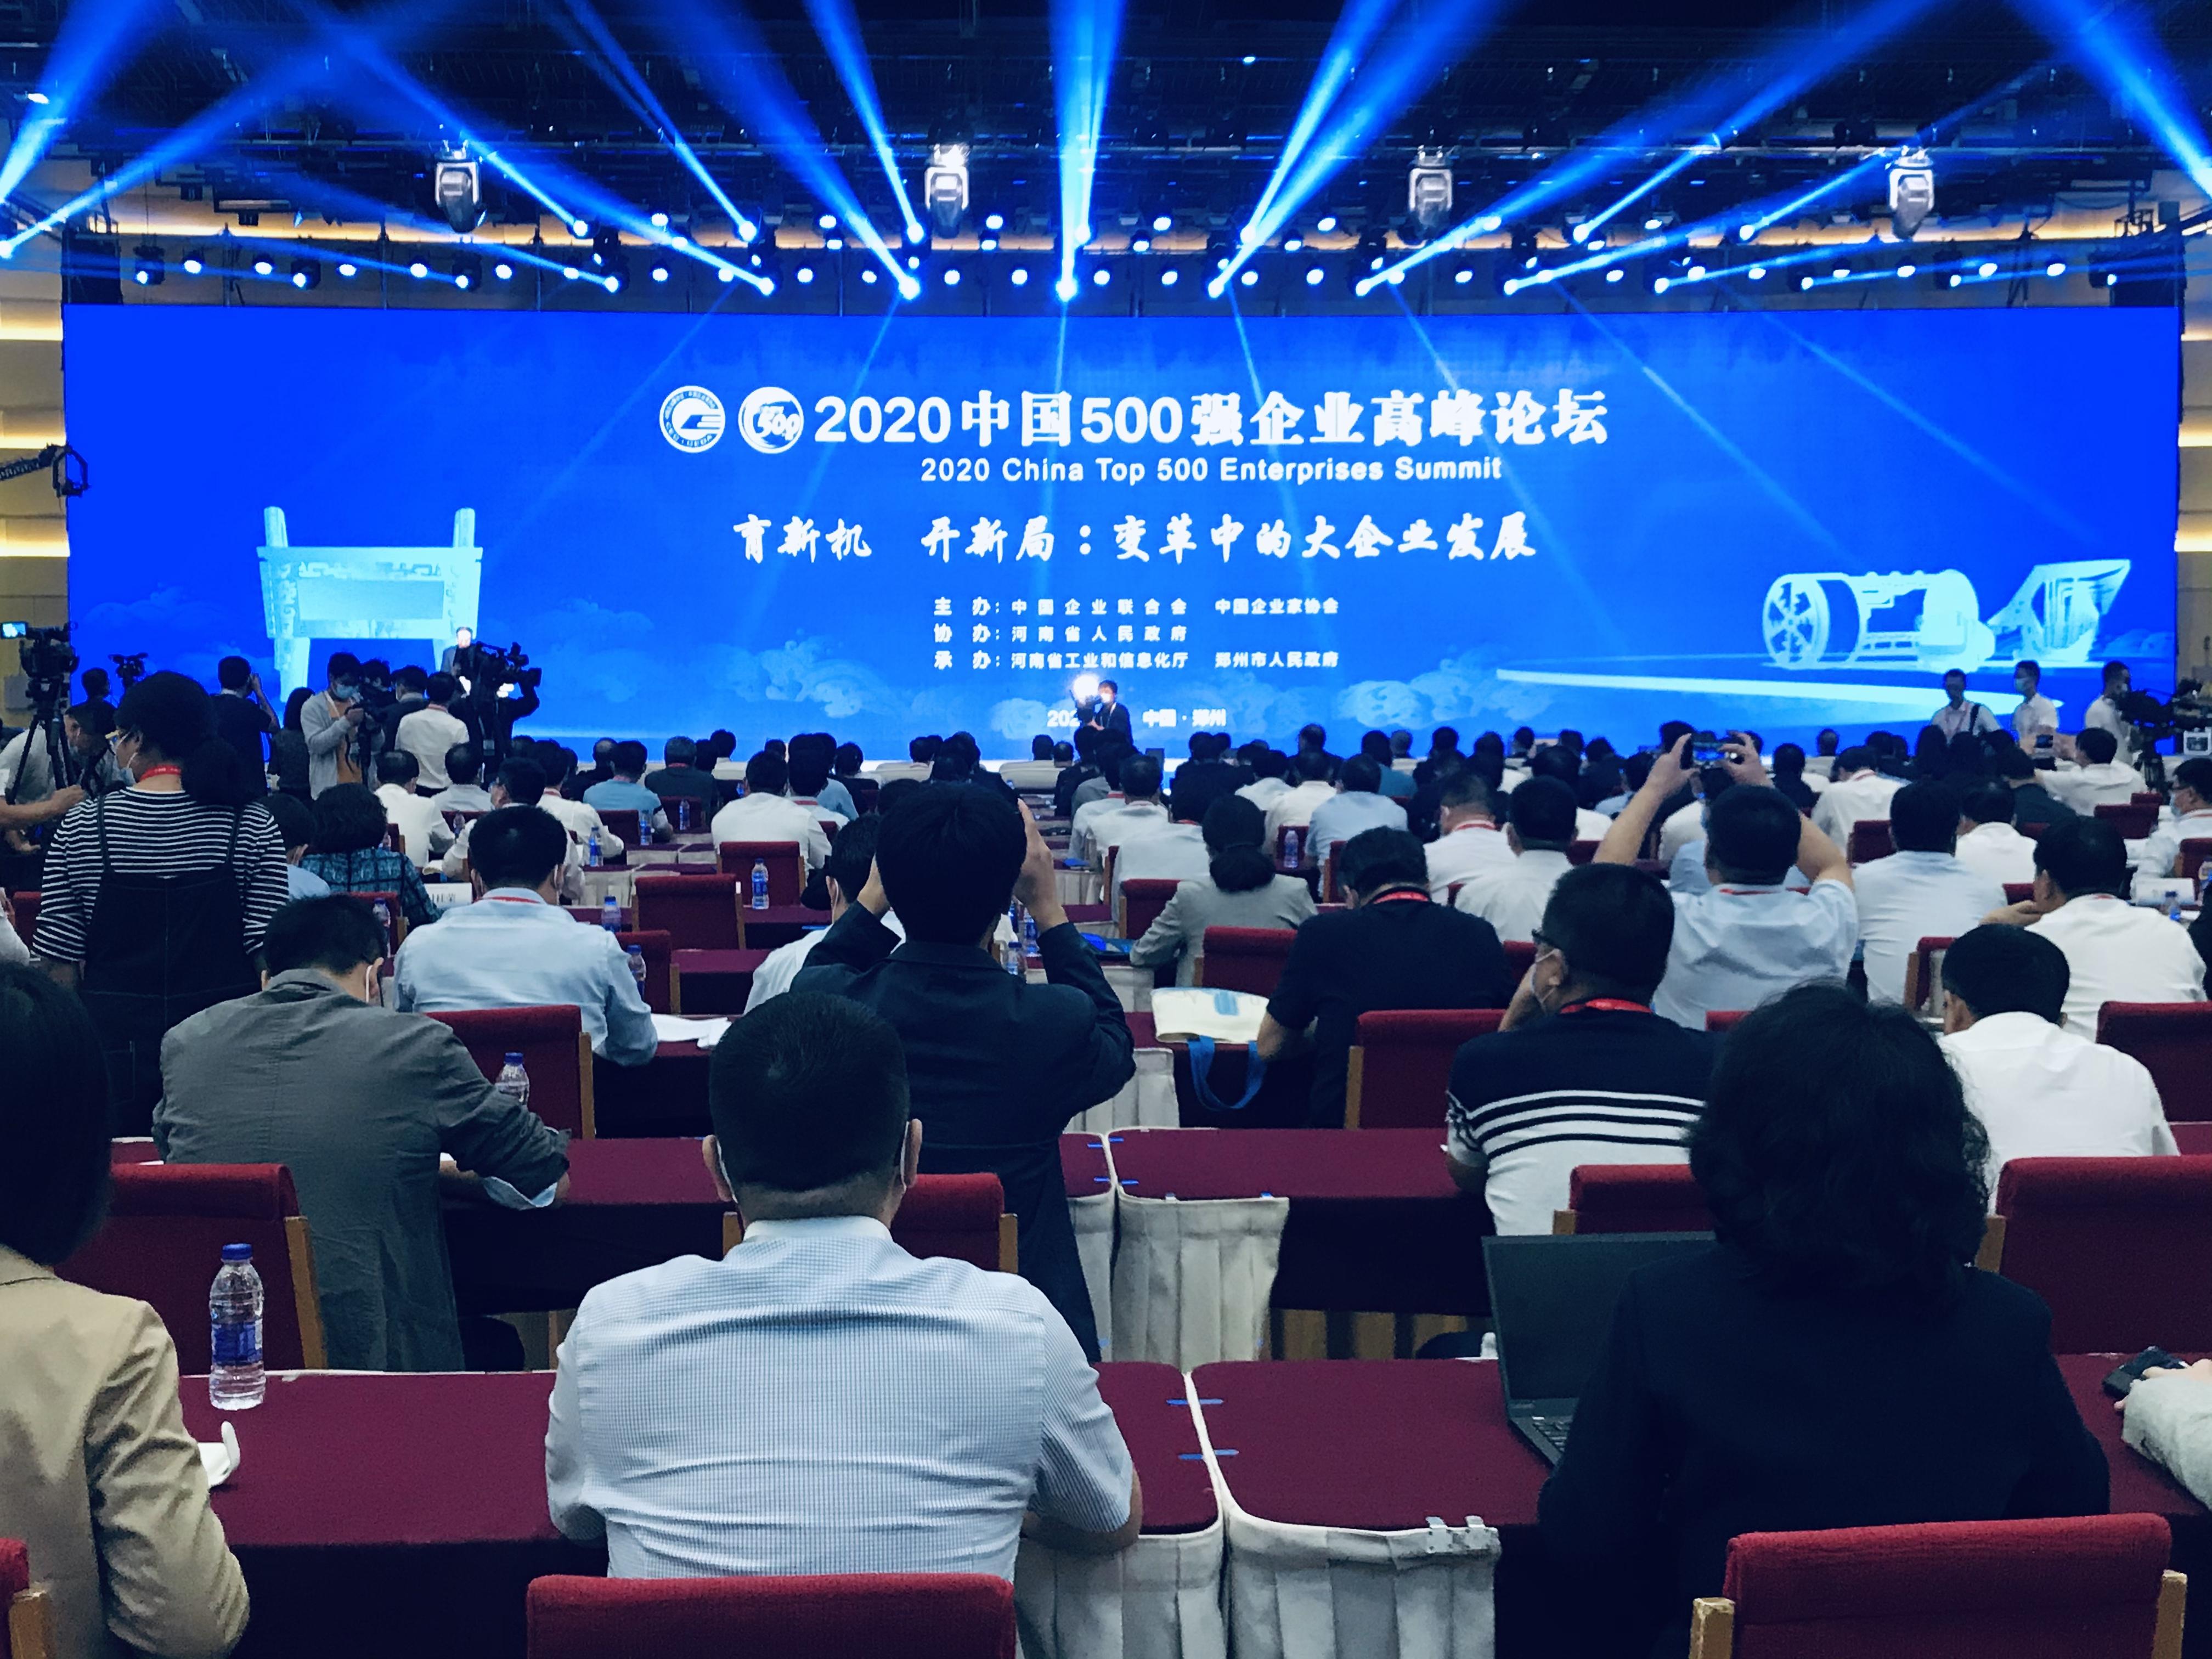 河南省10家企业入围2020中国企业500强榜单